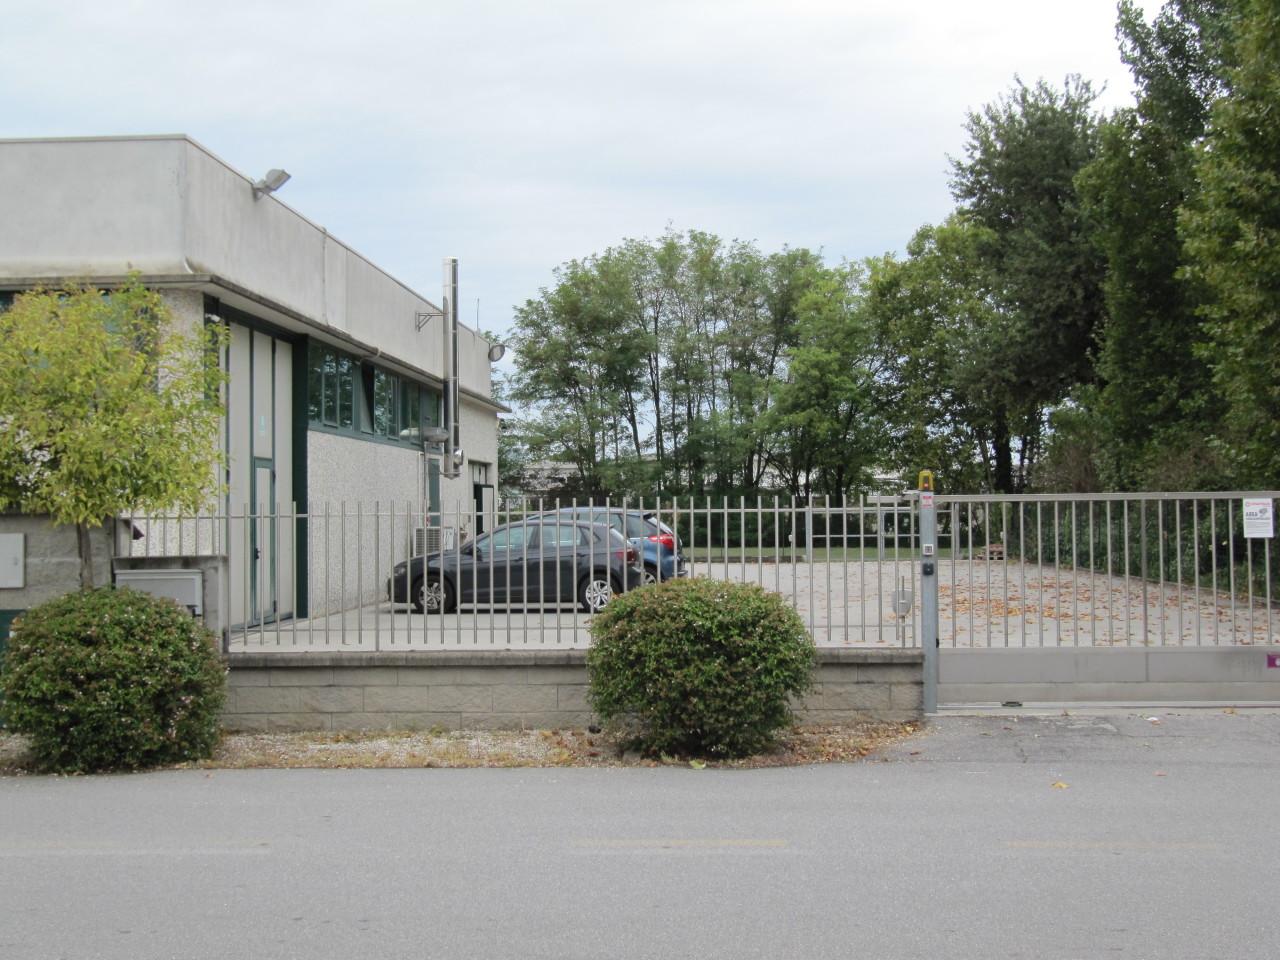 Capannone in vendita a Gadesco-Pieve Delmona, 5 locali, prezzo € 650.000 | PortaleAgenzieImmobiliari.it